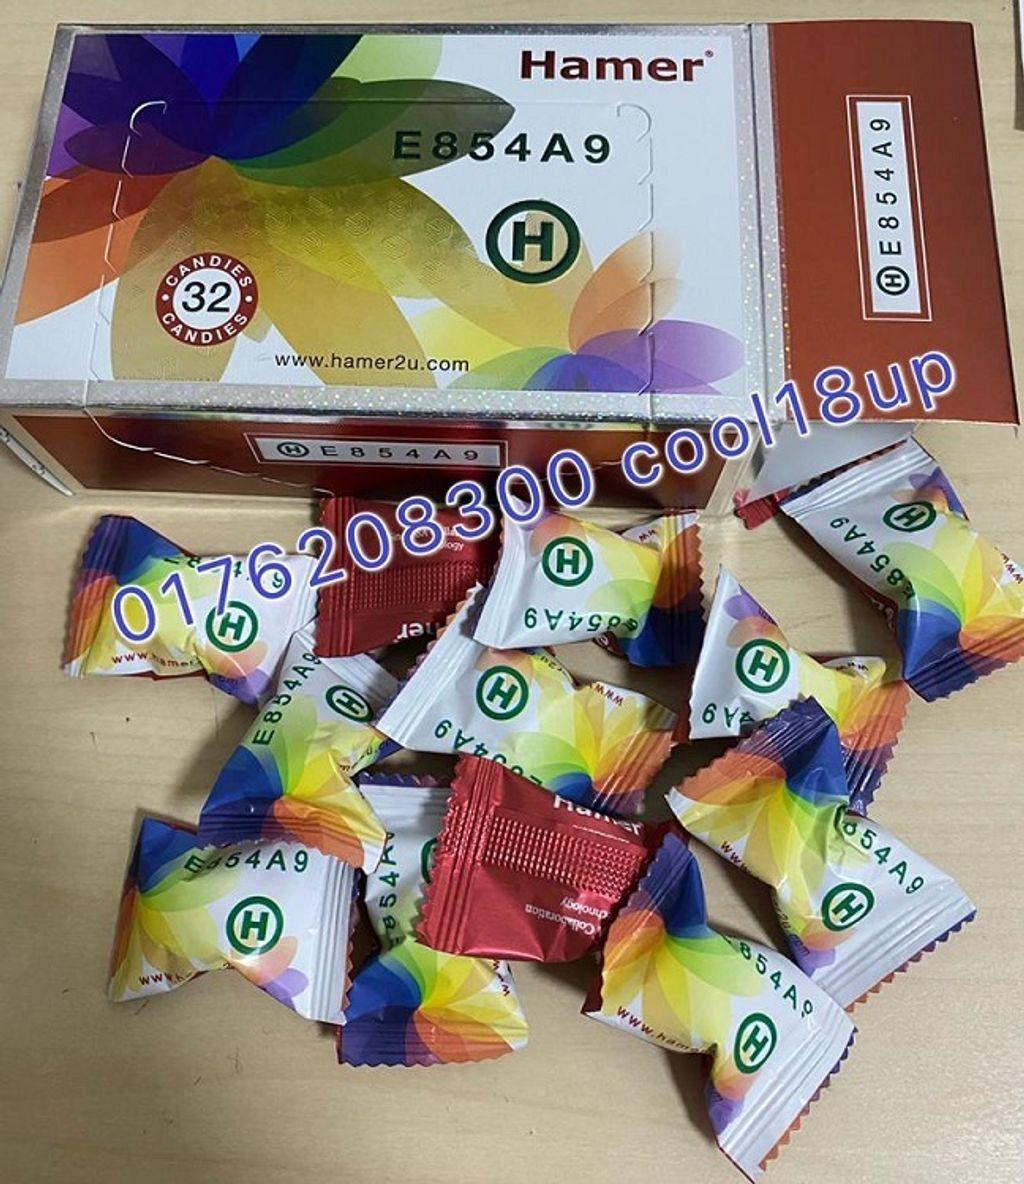 IMG-20210610-WA0018.jpg